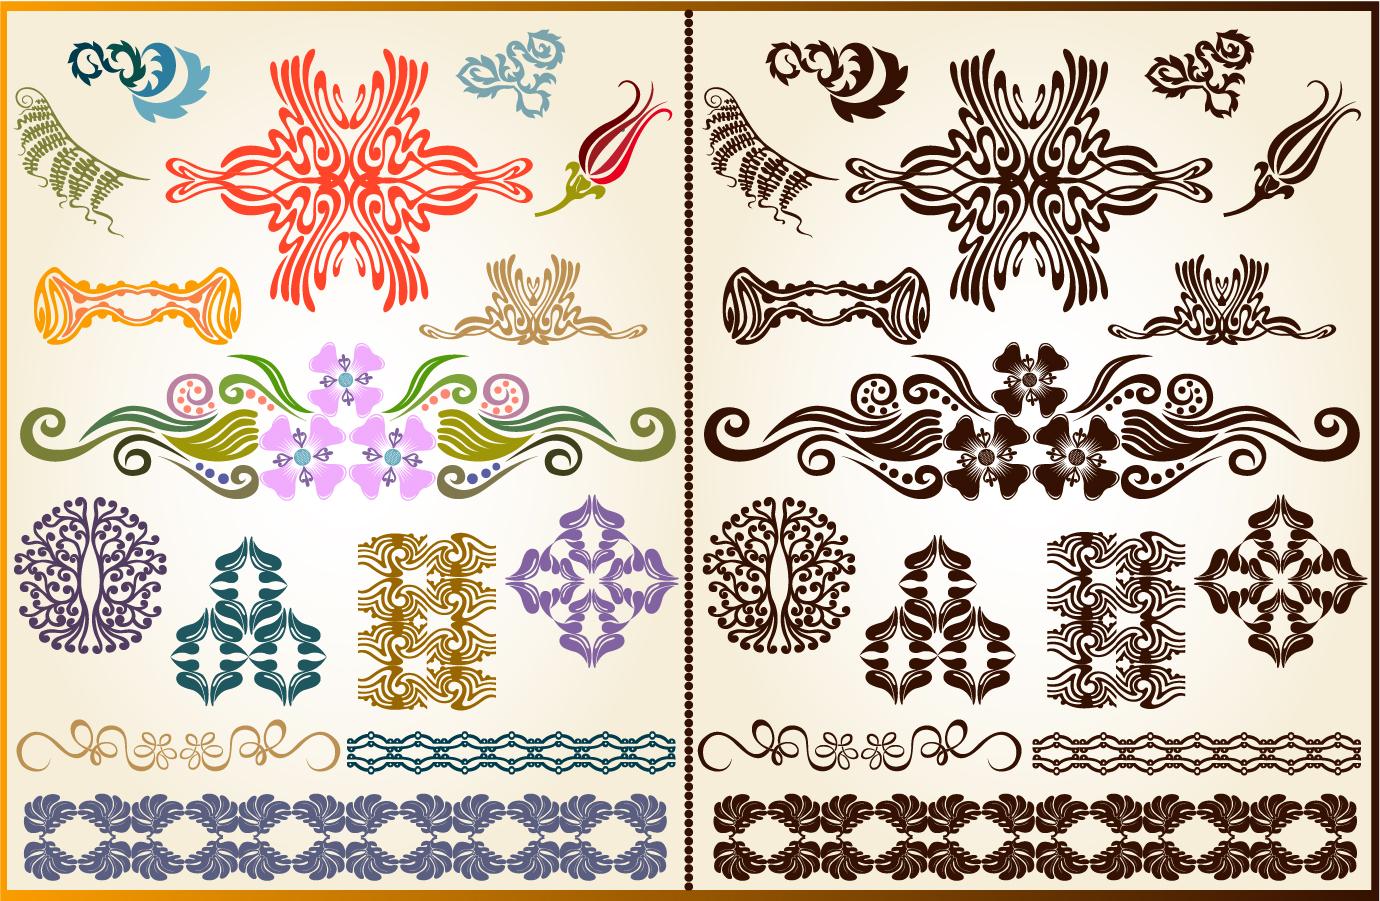 美しいコーナー パターン素材 beautiful corner pattern material イラスト素材